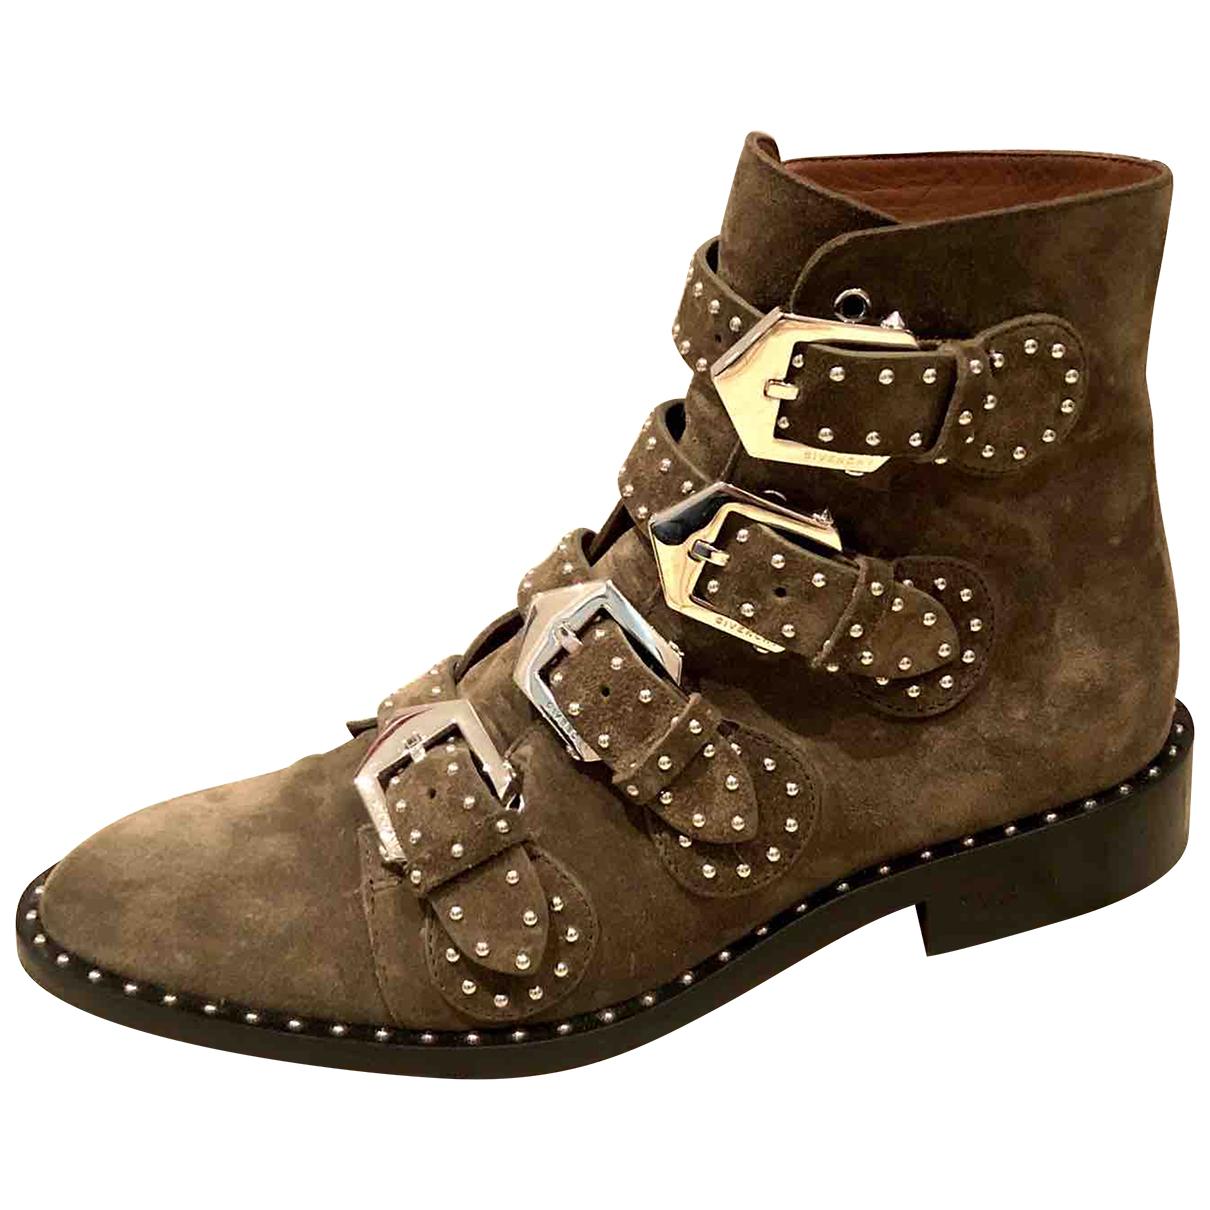 Givenchy - Boots   pour femme en suede - kaki